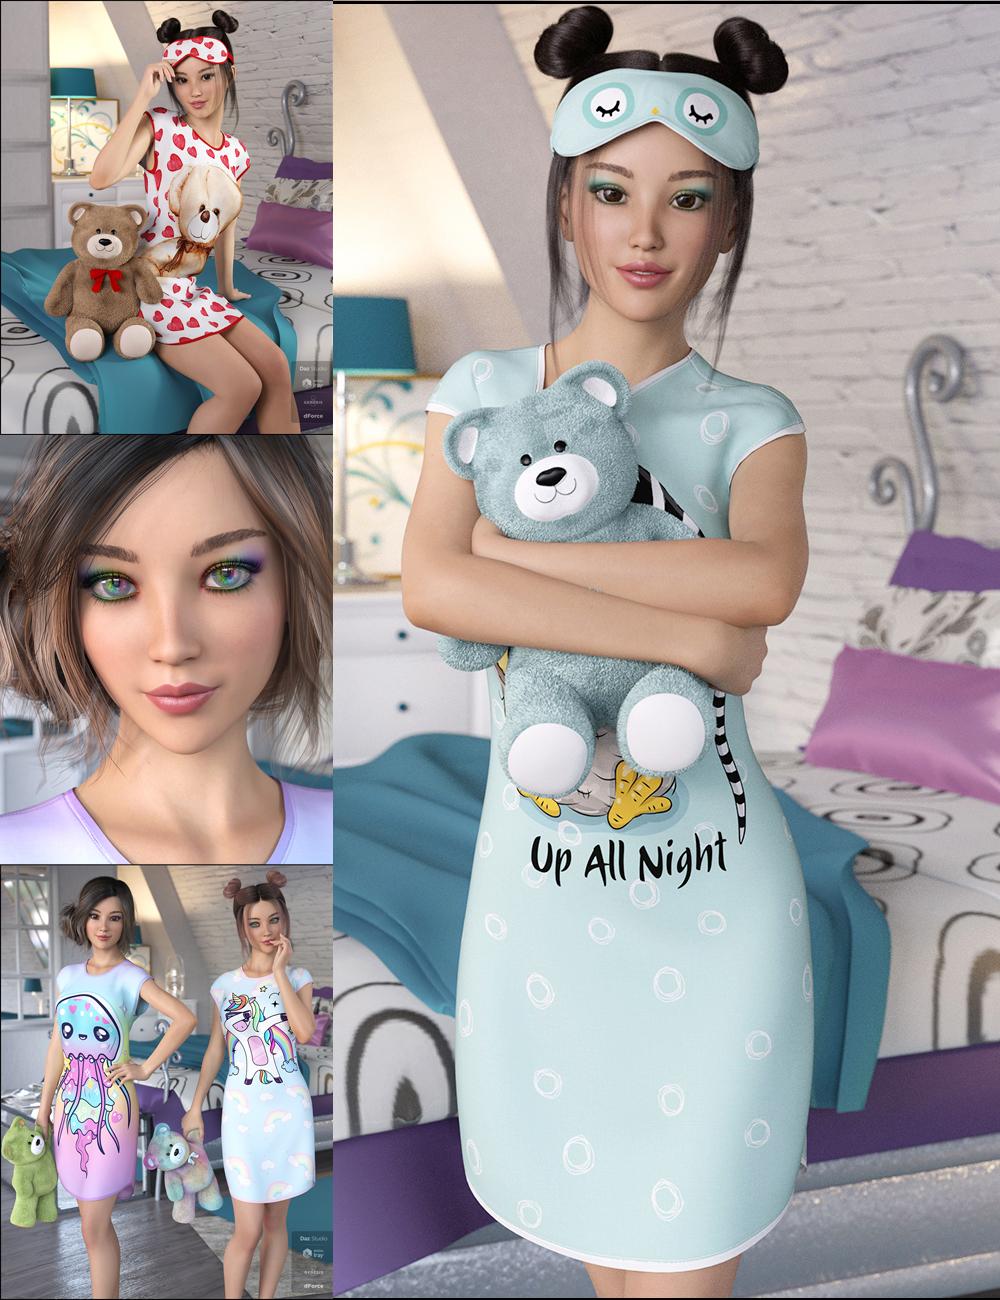 Snuggle Up Bundle by: DemonicaEviliusJessaii, 3D Models by Daz 3D